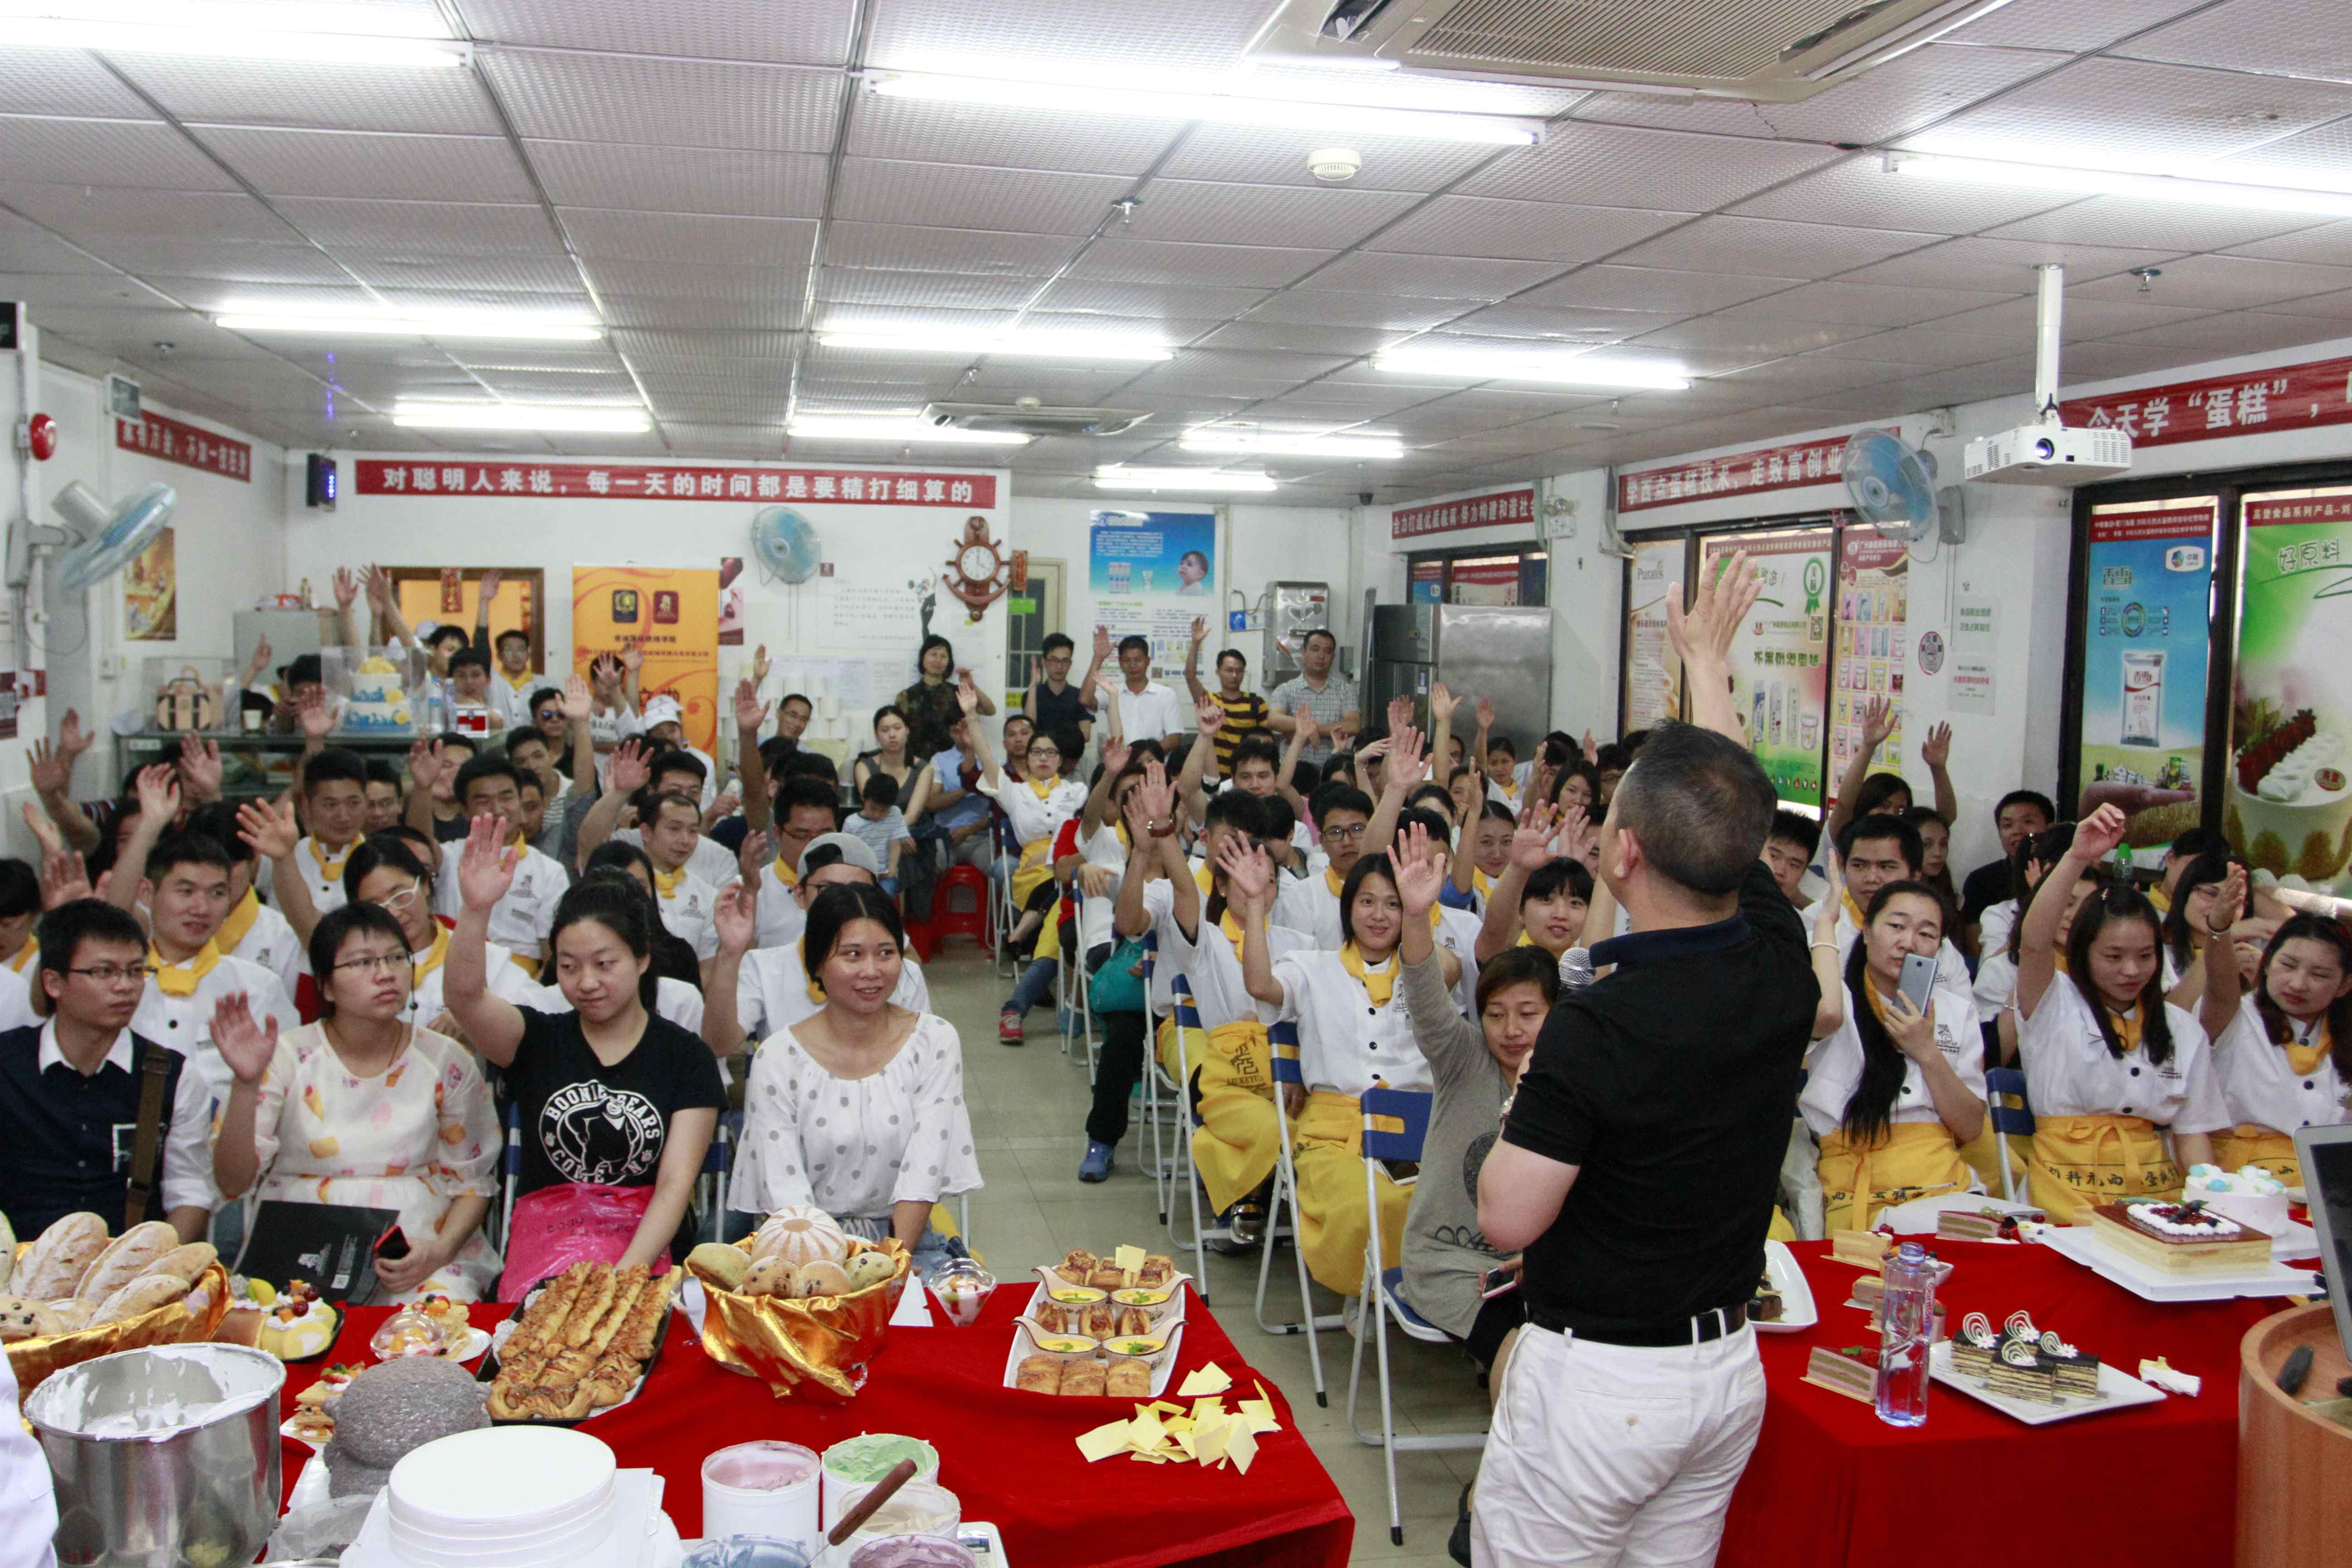 蛋糕培训,蛋糕学校,西点蛋糕培训,专业的西点蛋糕学校,深圳西点蛋糕